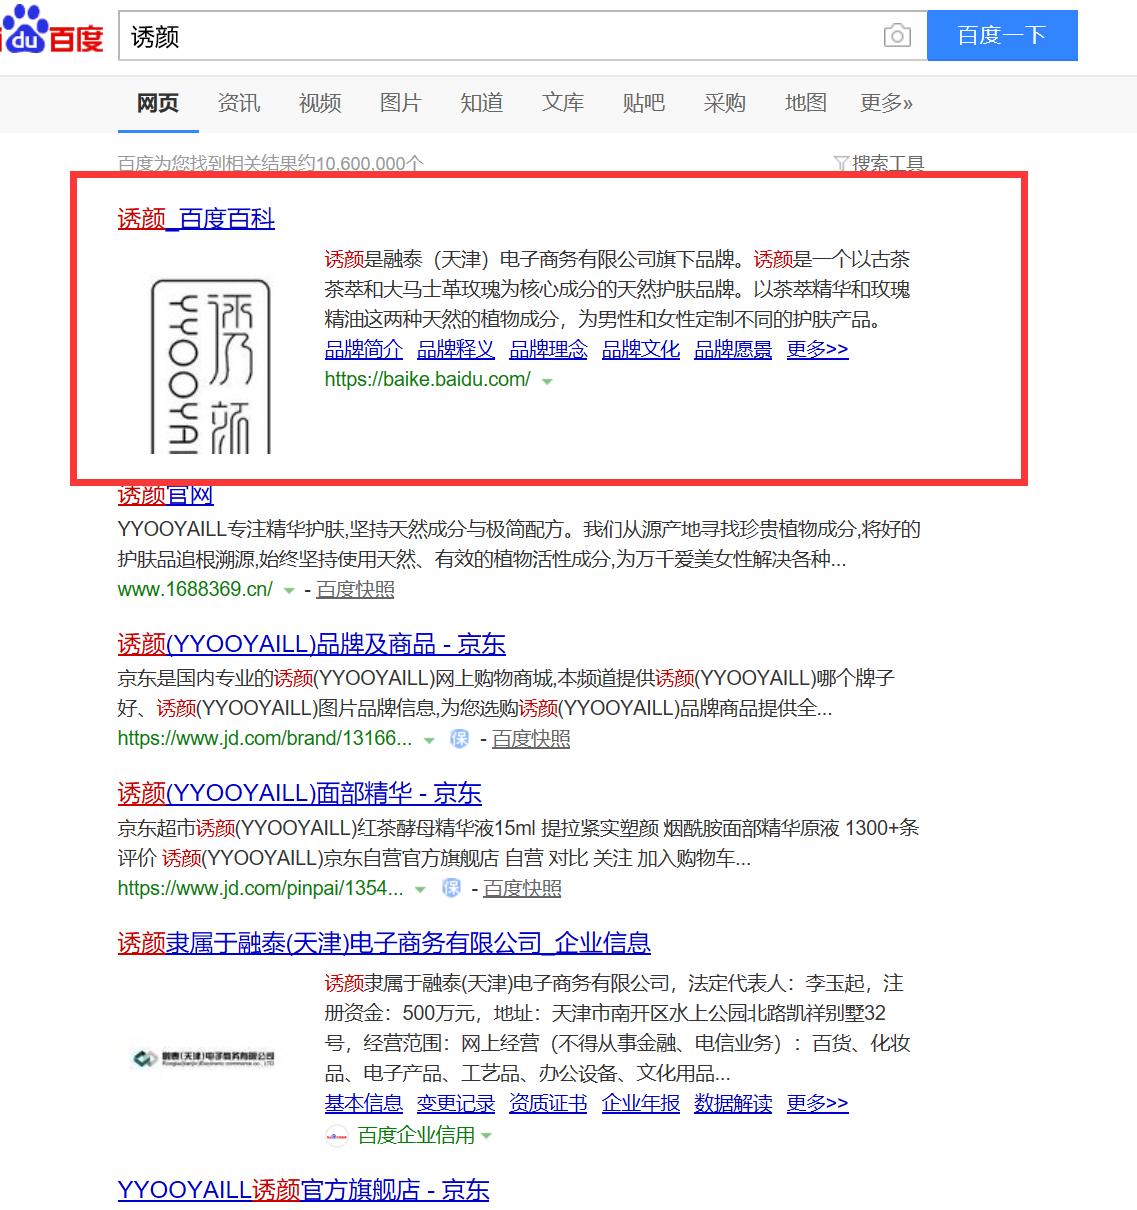 百度百科词条创建修改完善人名搜狗企业今日头条百科词条维基百科